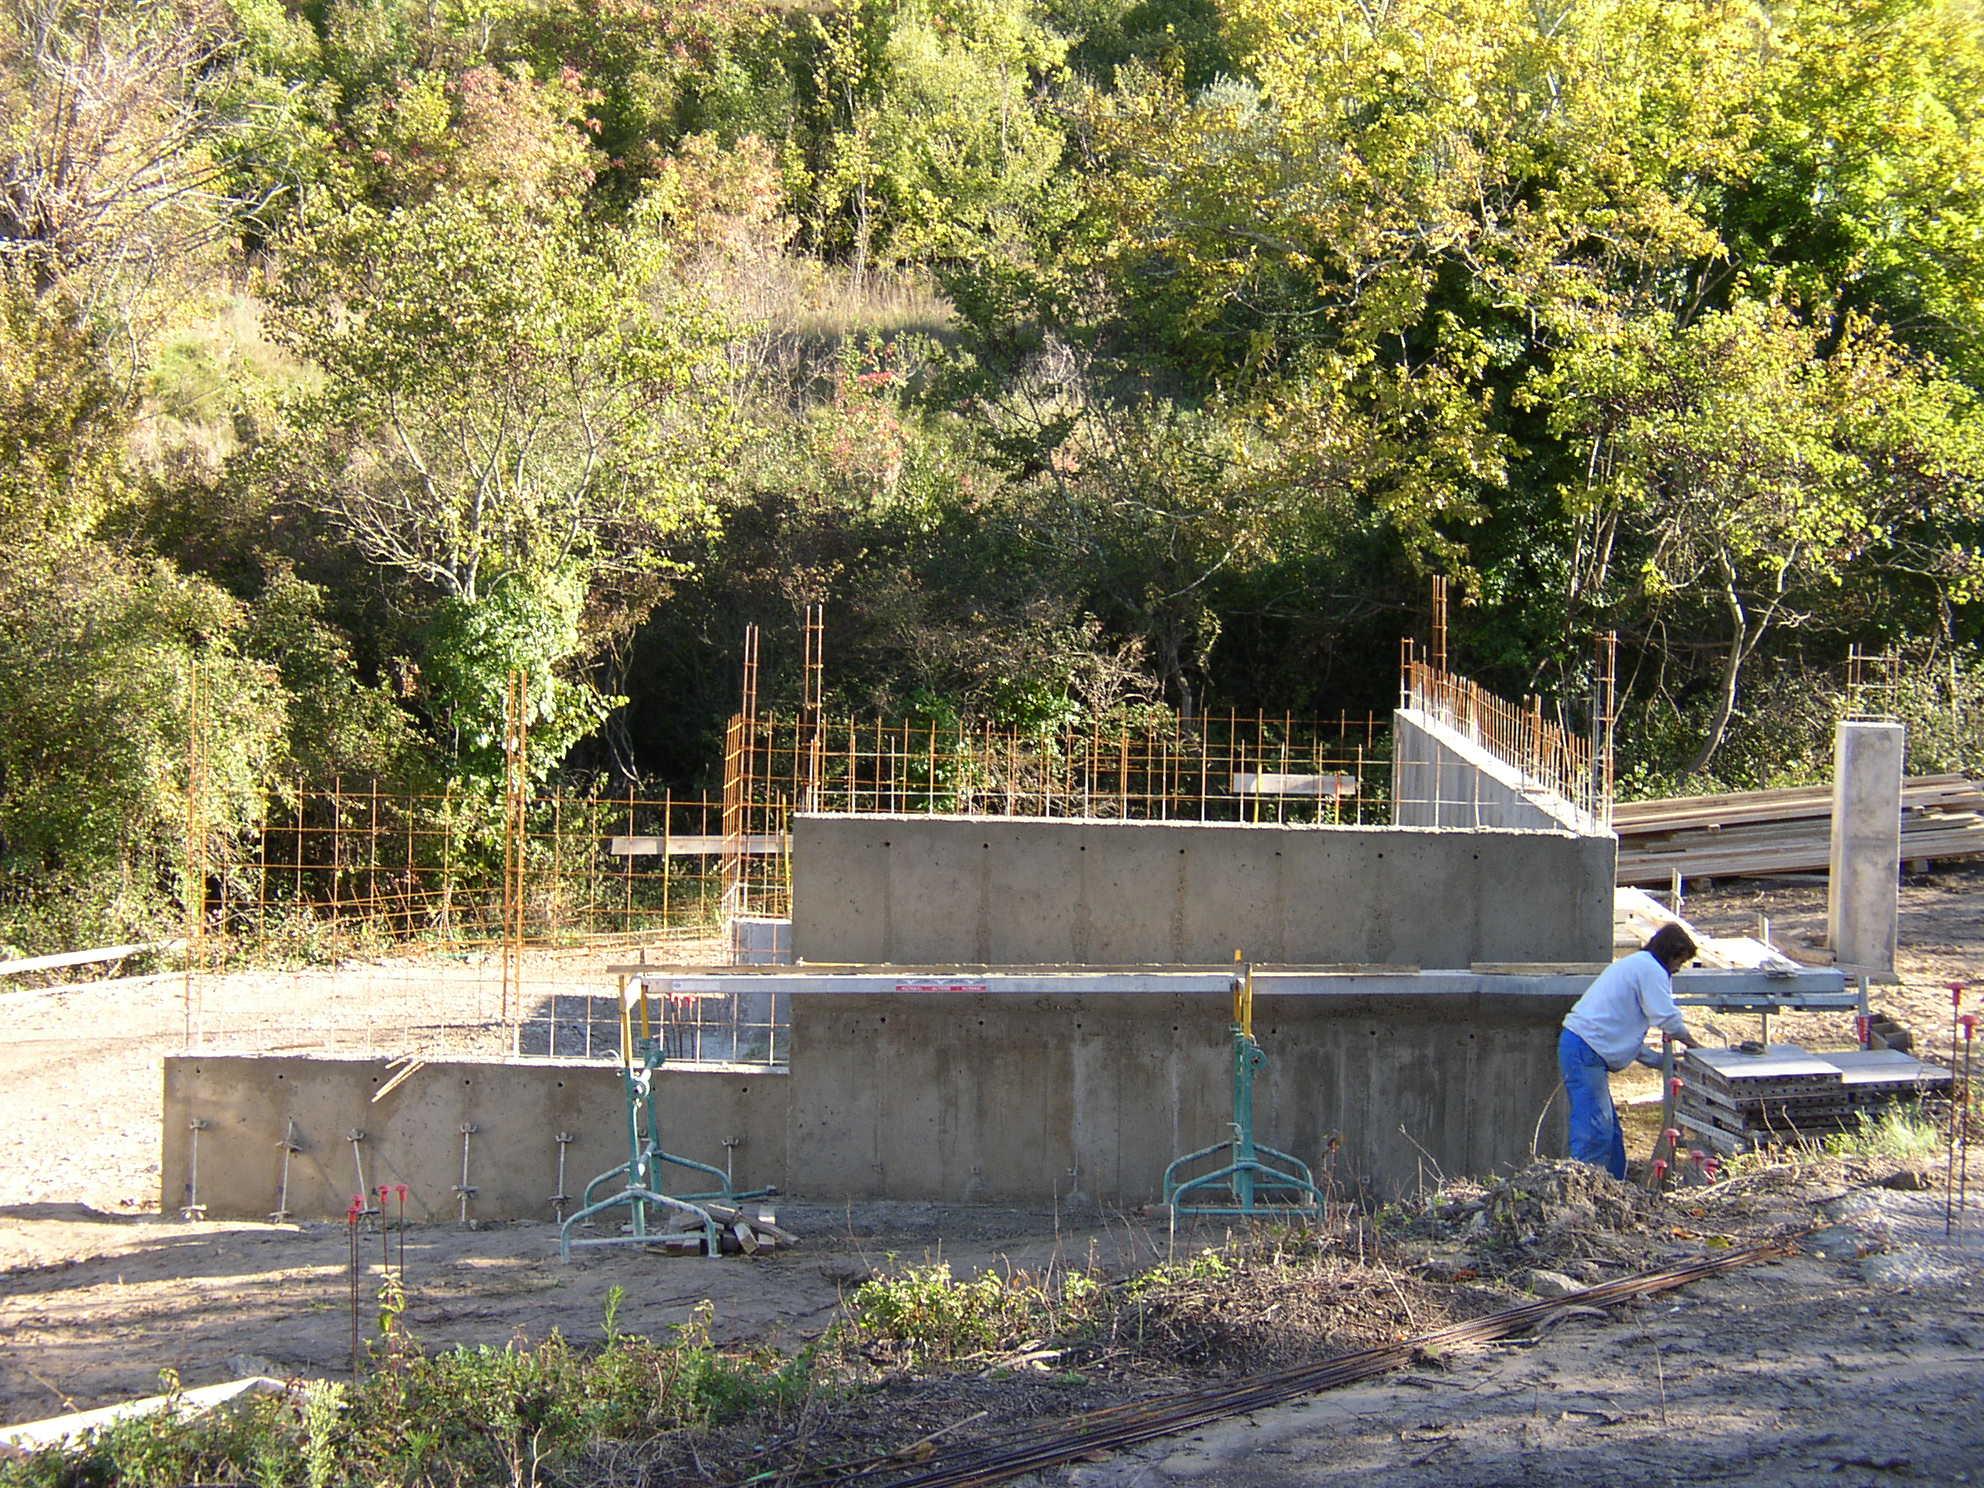 Desportes Rénovation Gard : Sommières maison en pierres massives. Soubassement en béton banché, poteaux et poutres en béton apparent.